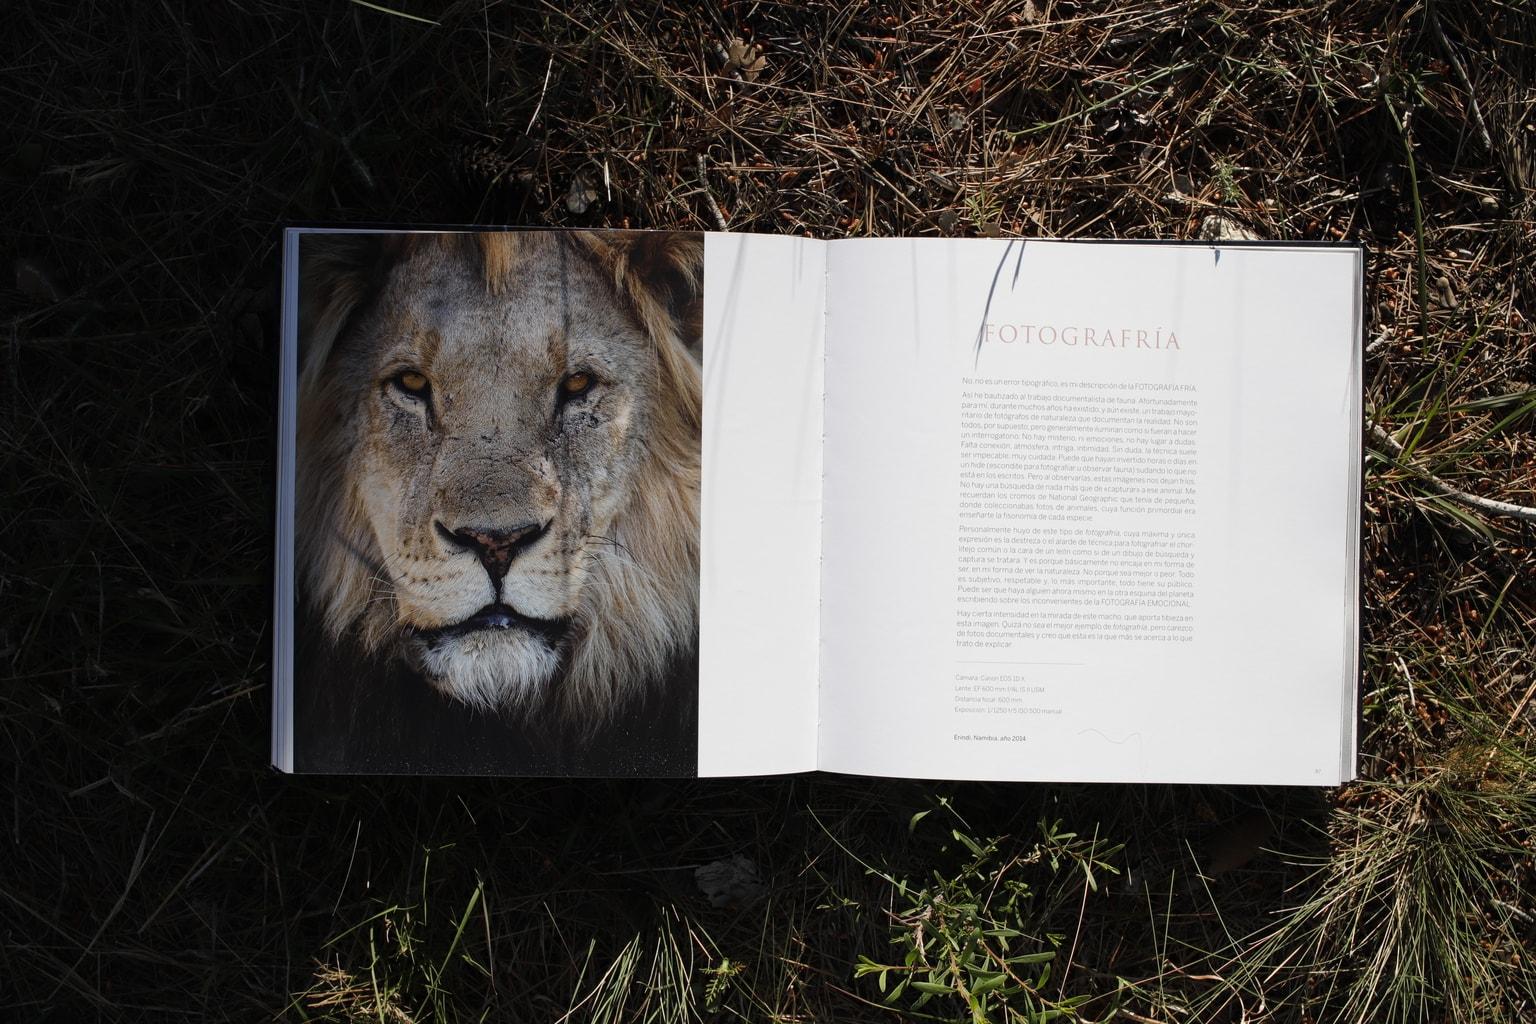 Fotografría Libro Inspiración + Naturaleza